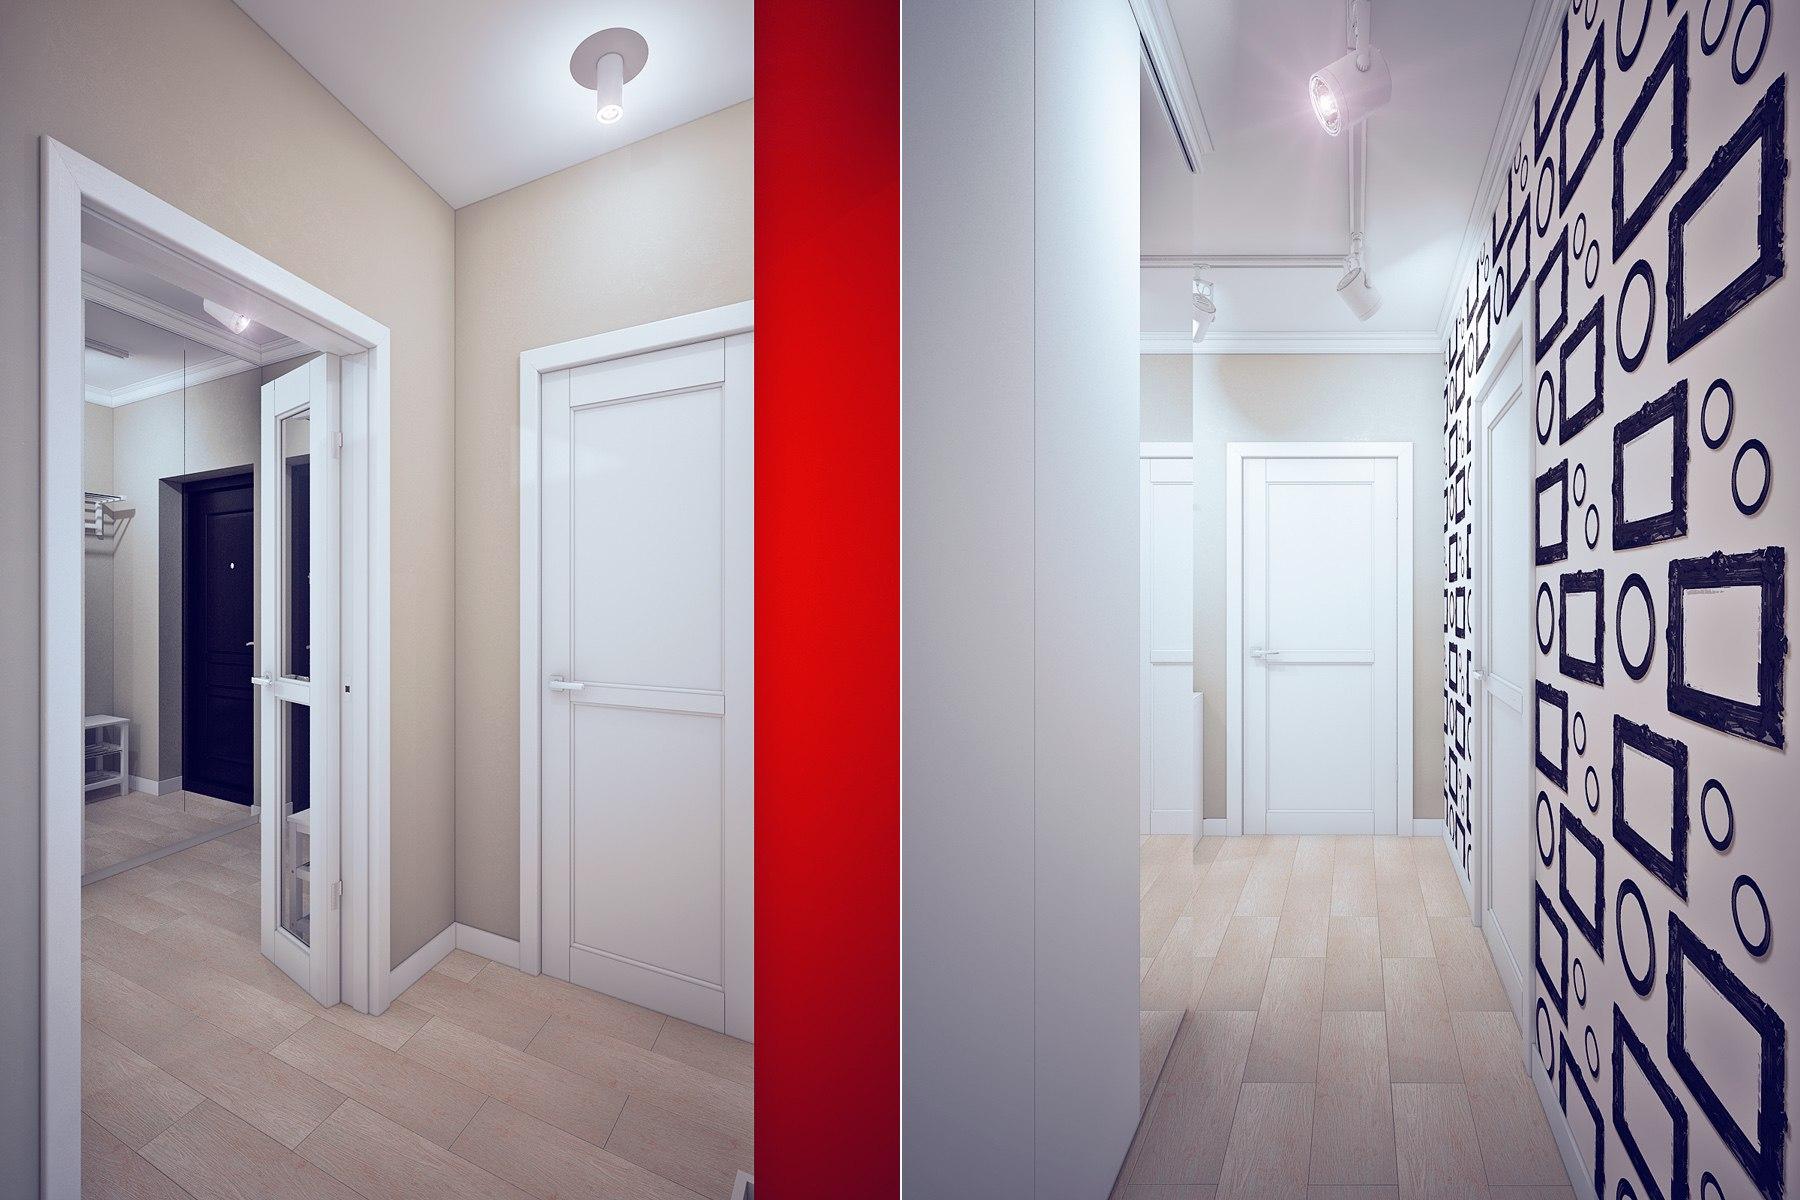 proekt-za-apartament-s-tsveten-i-dinamichen-interior-6g